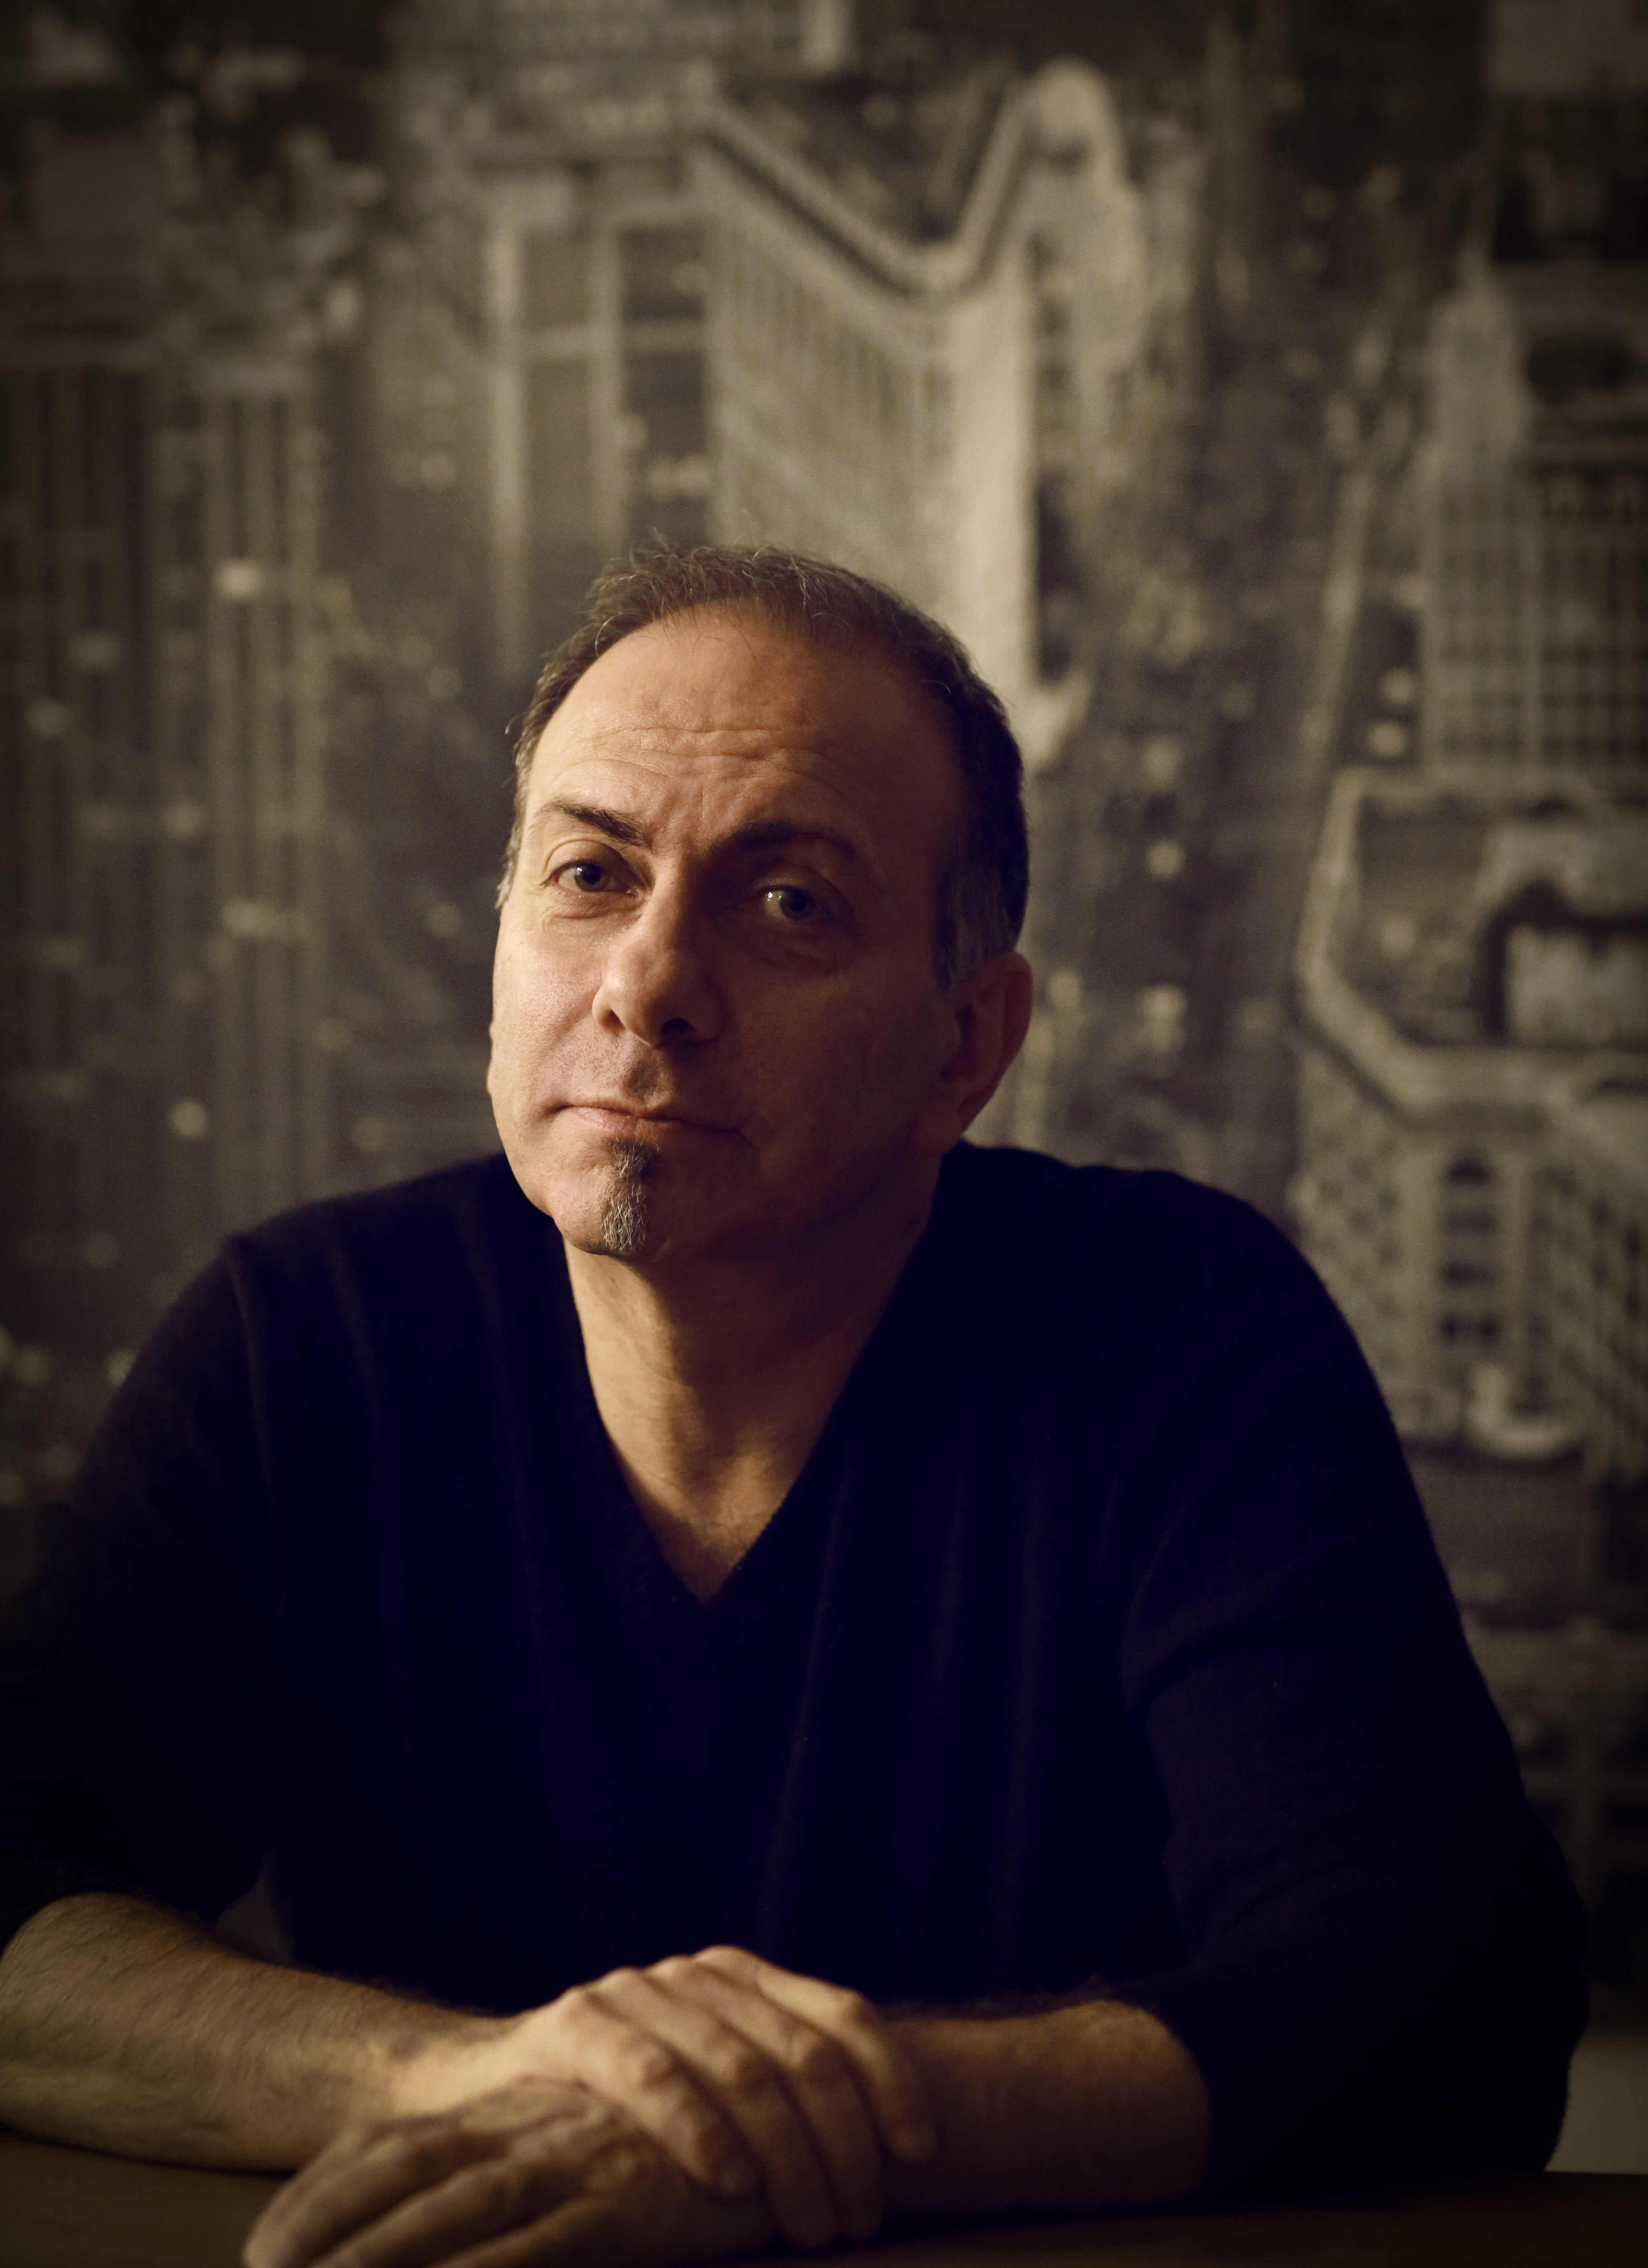 MichelKorb in his studio